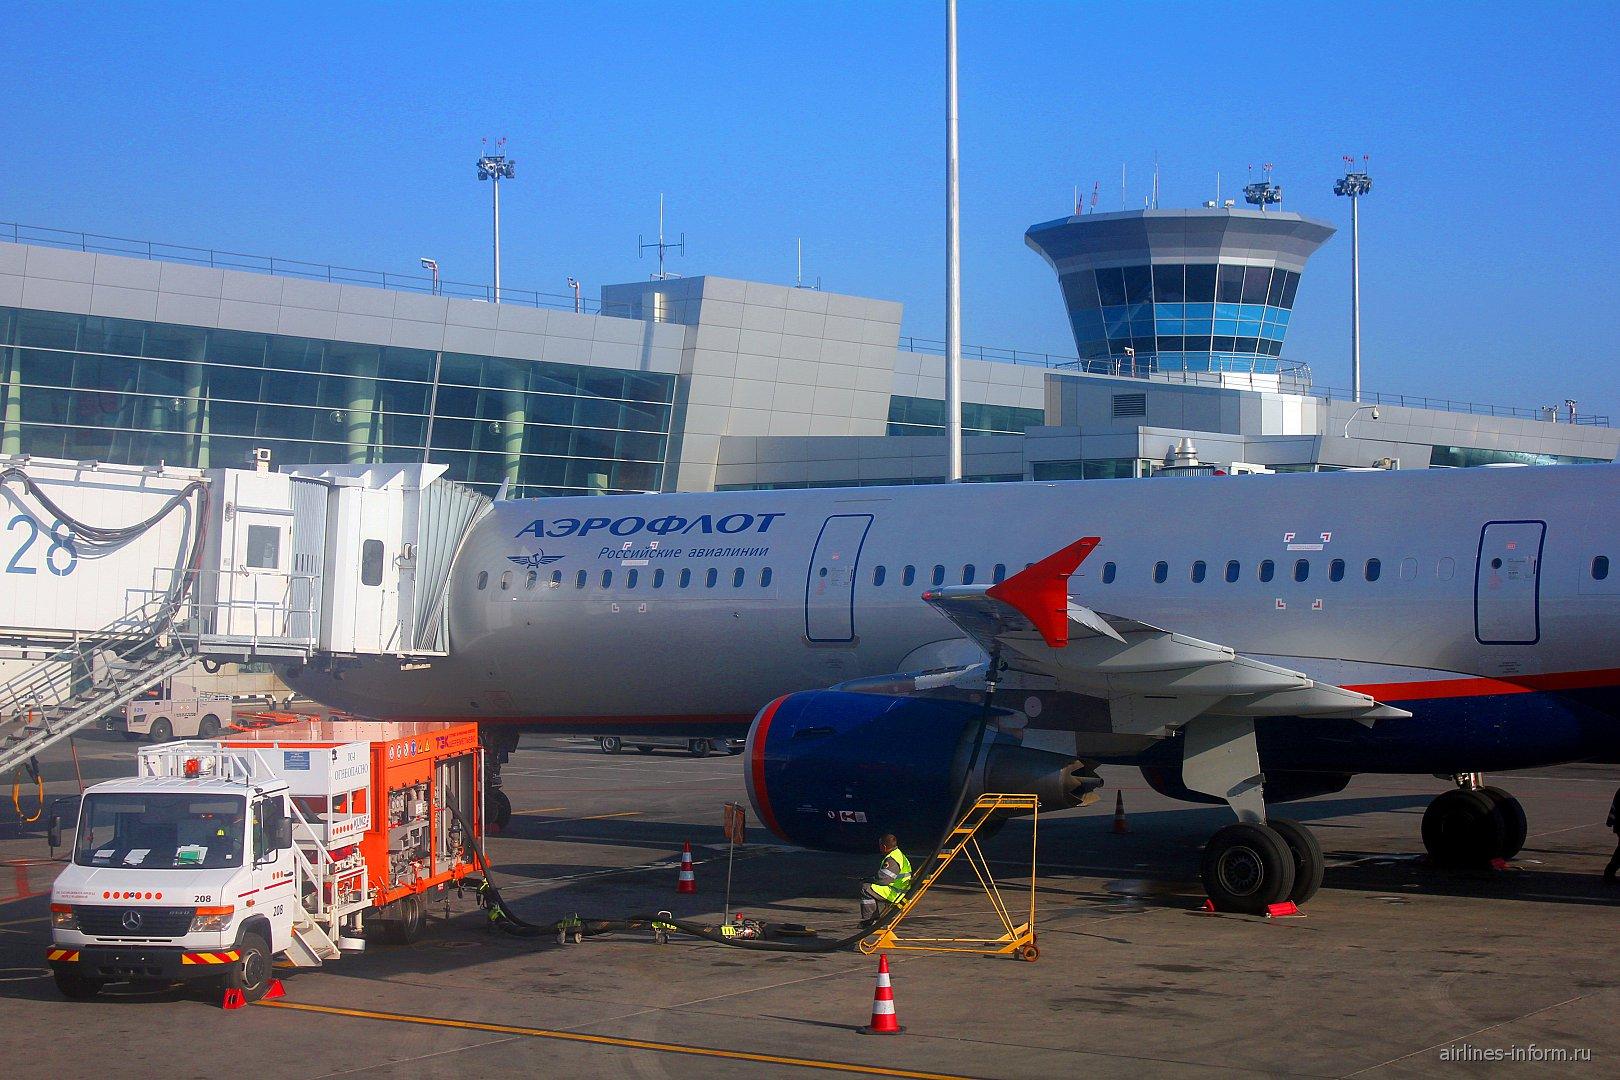 Подготовка к вылету самолета Airbus A321 Аэрофлота в аэропорту Шереметьево